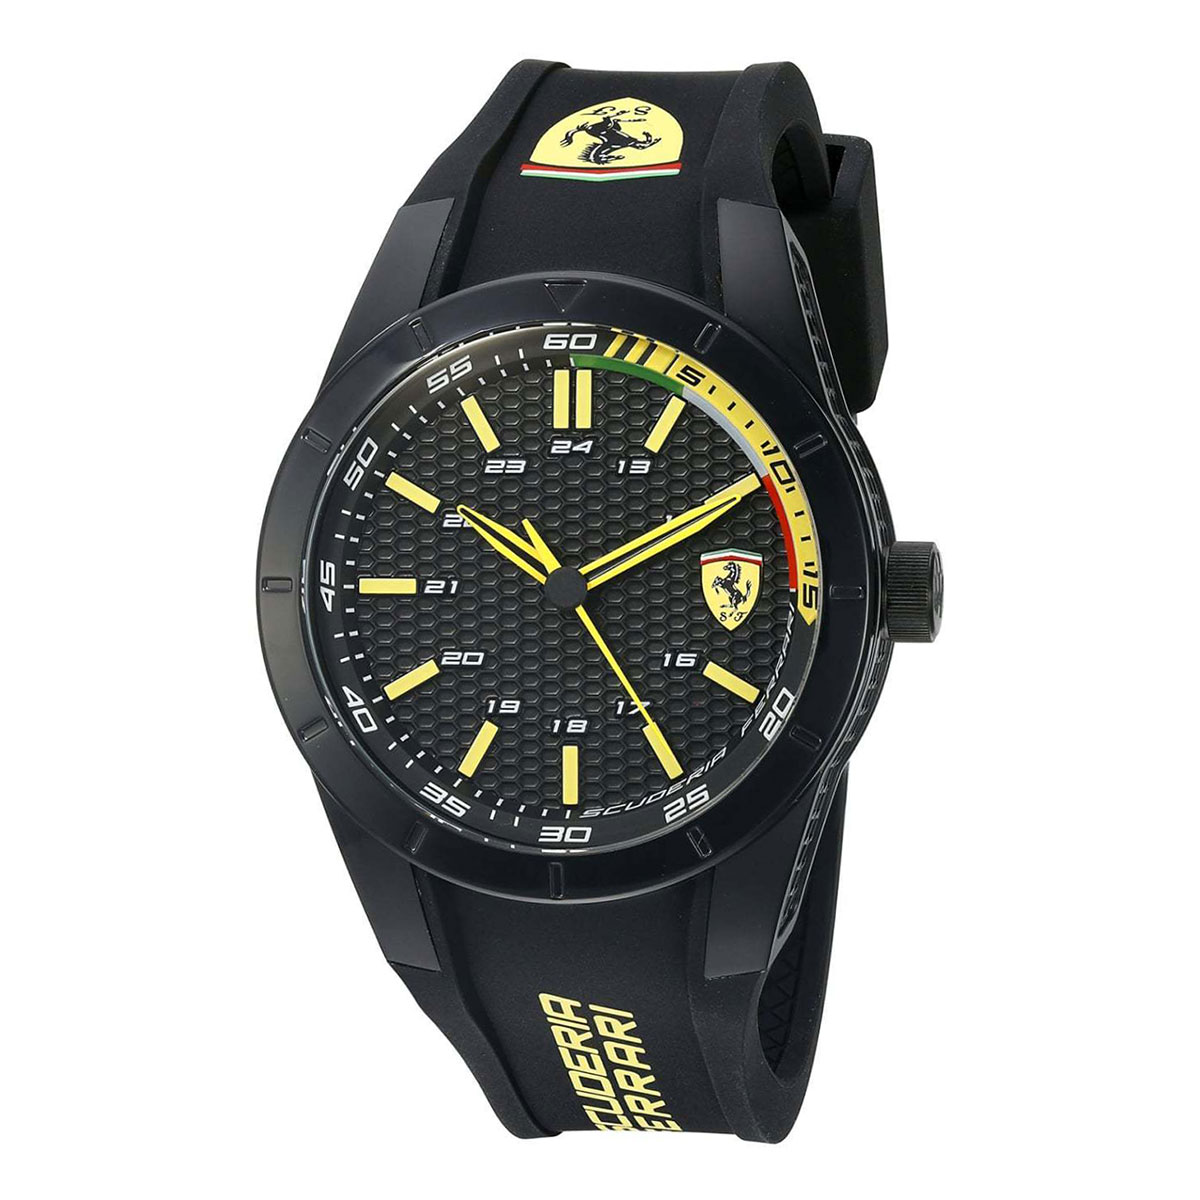 นาฬิกาผู้ชาย Ferrari รุ่น 0830302, Redrev